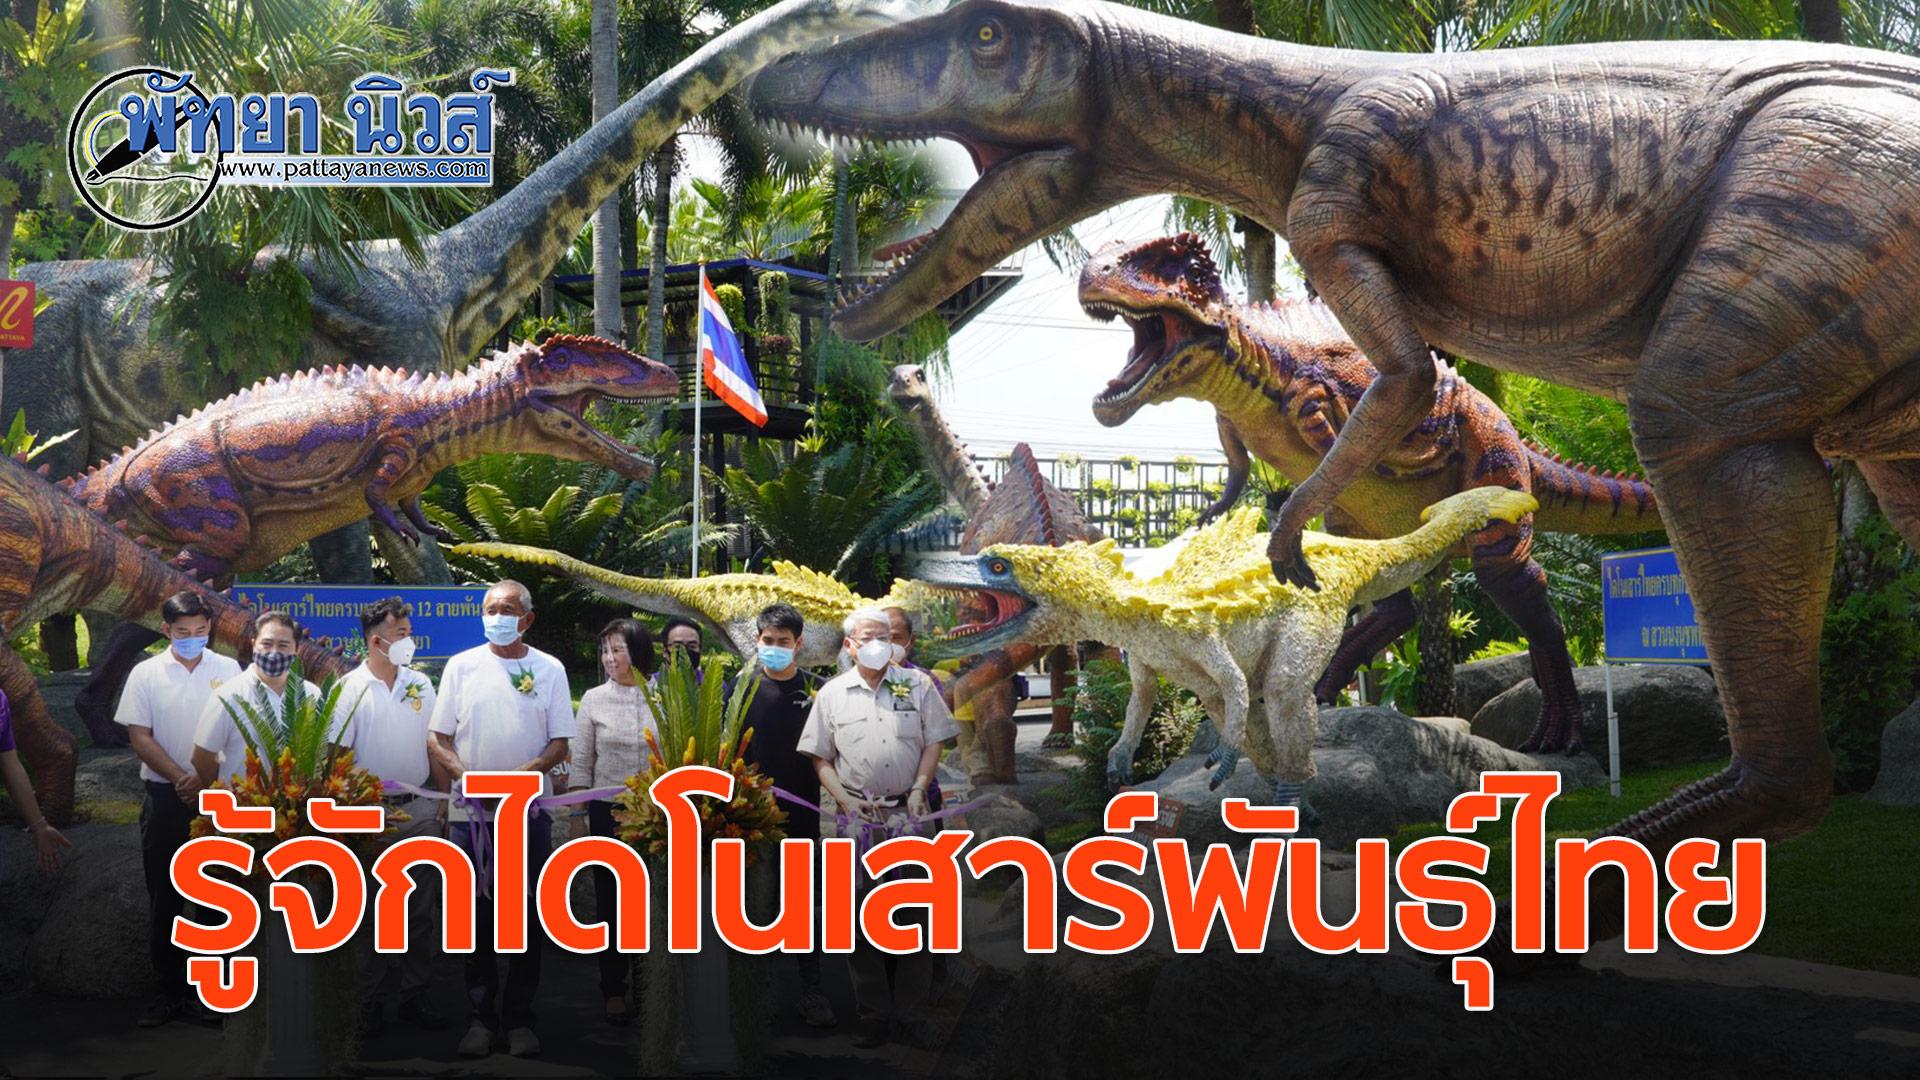 สวนนงนุช เปิดตัวไดโนเสาร์ไทย 12 สายพันธุ์ แหล่งเรียนรู้สำหรับเด็กและเยาวชน